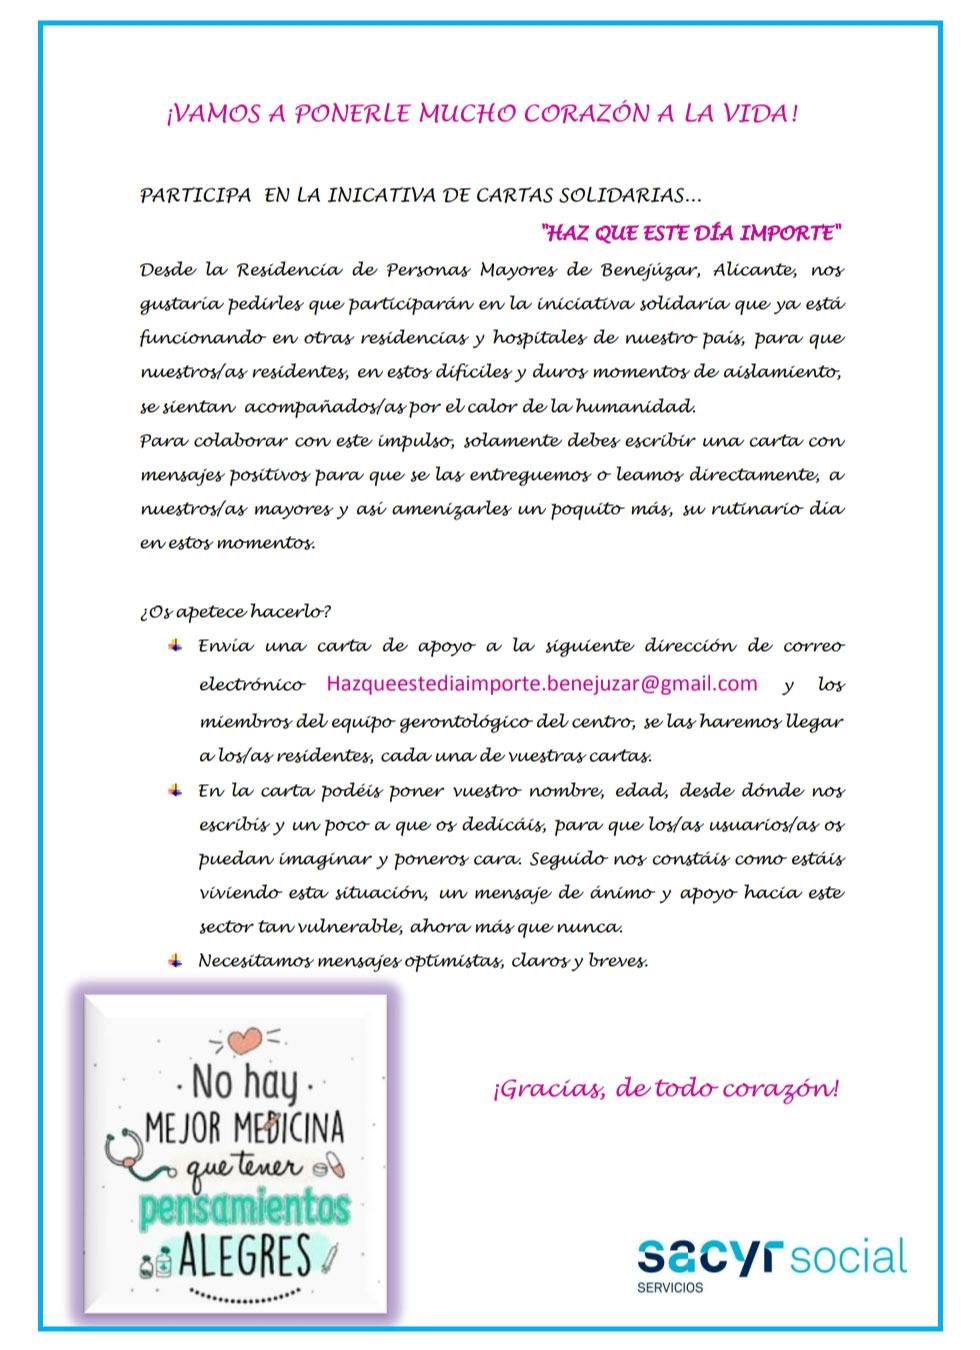 Cartas Solidarias El Campico @quedamos